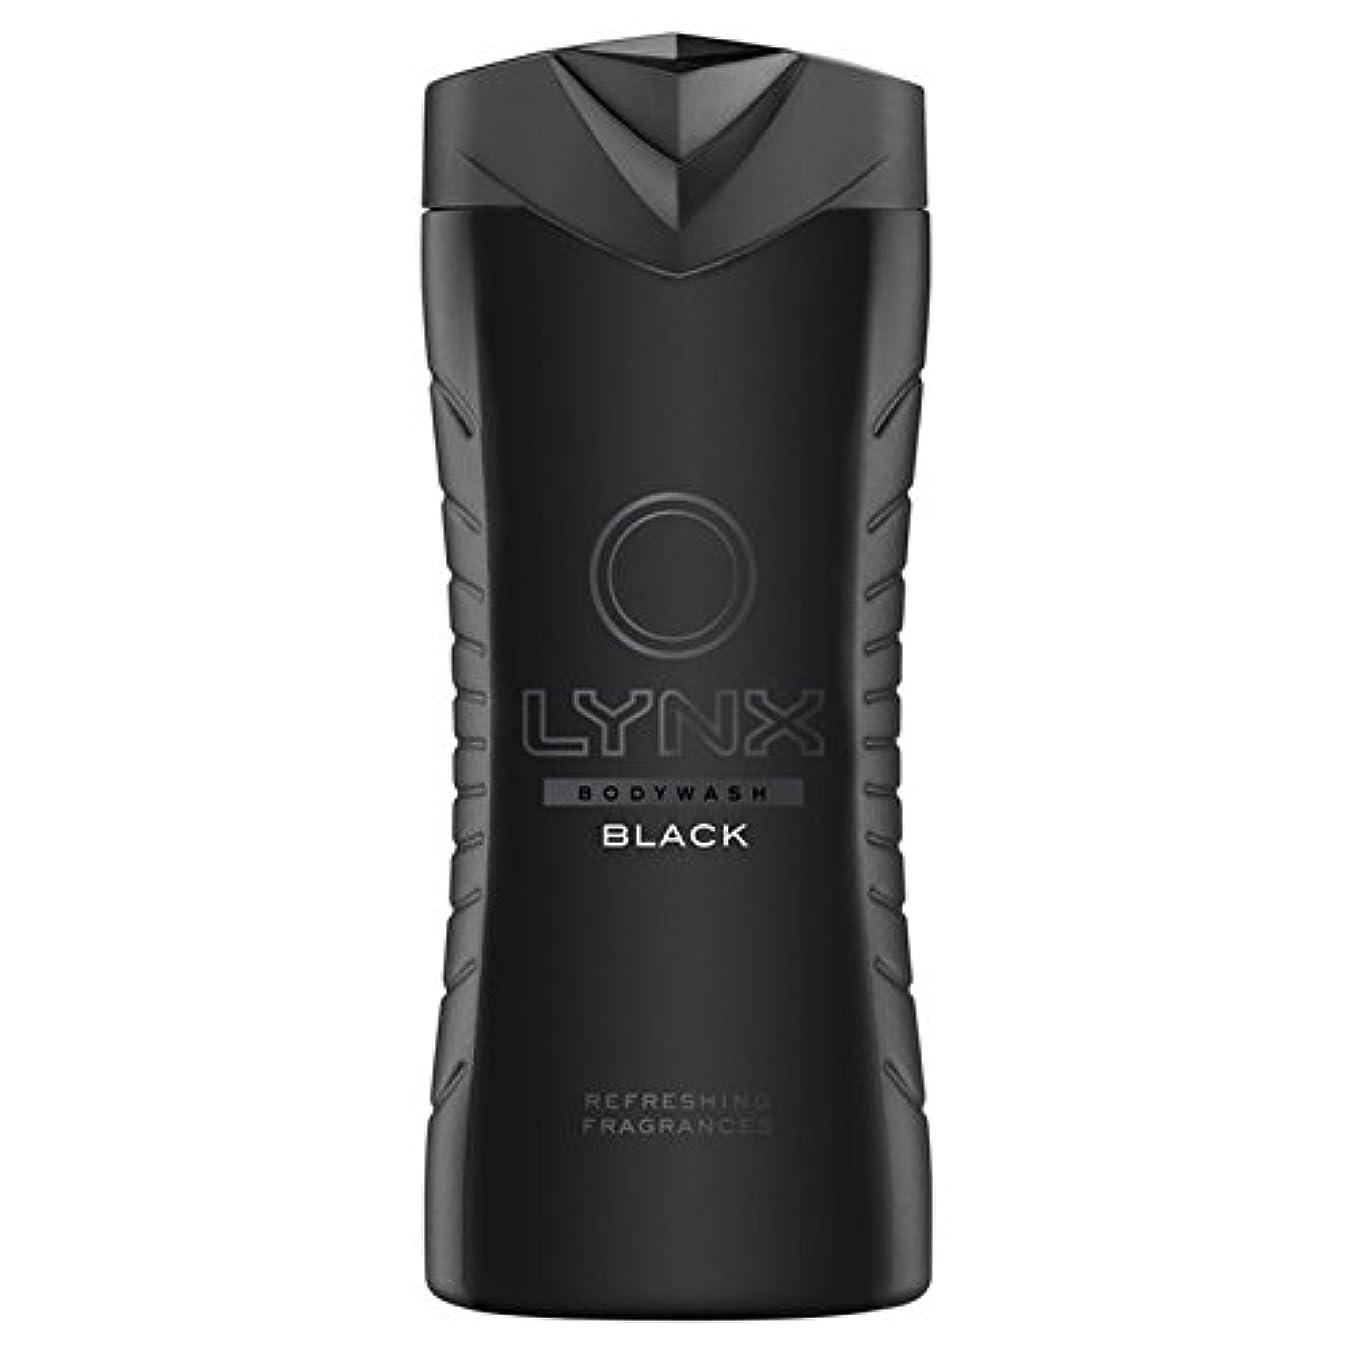 息苦しいヘクタールセットアップオオヤマネコブラックシャワージェル400ミリリットル x4 - Lynx Black Shower Gel 400ml (Pack of 4) [並行輸入品]